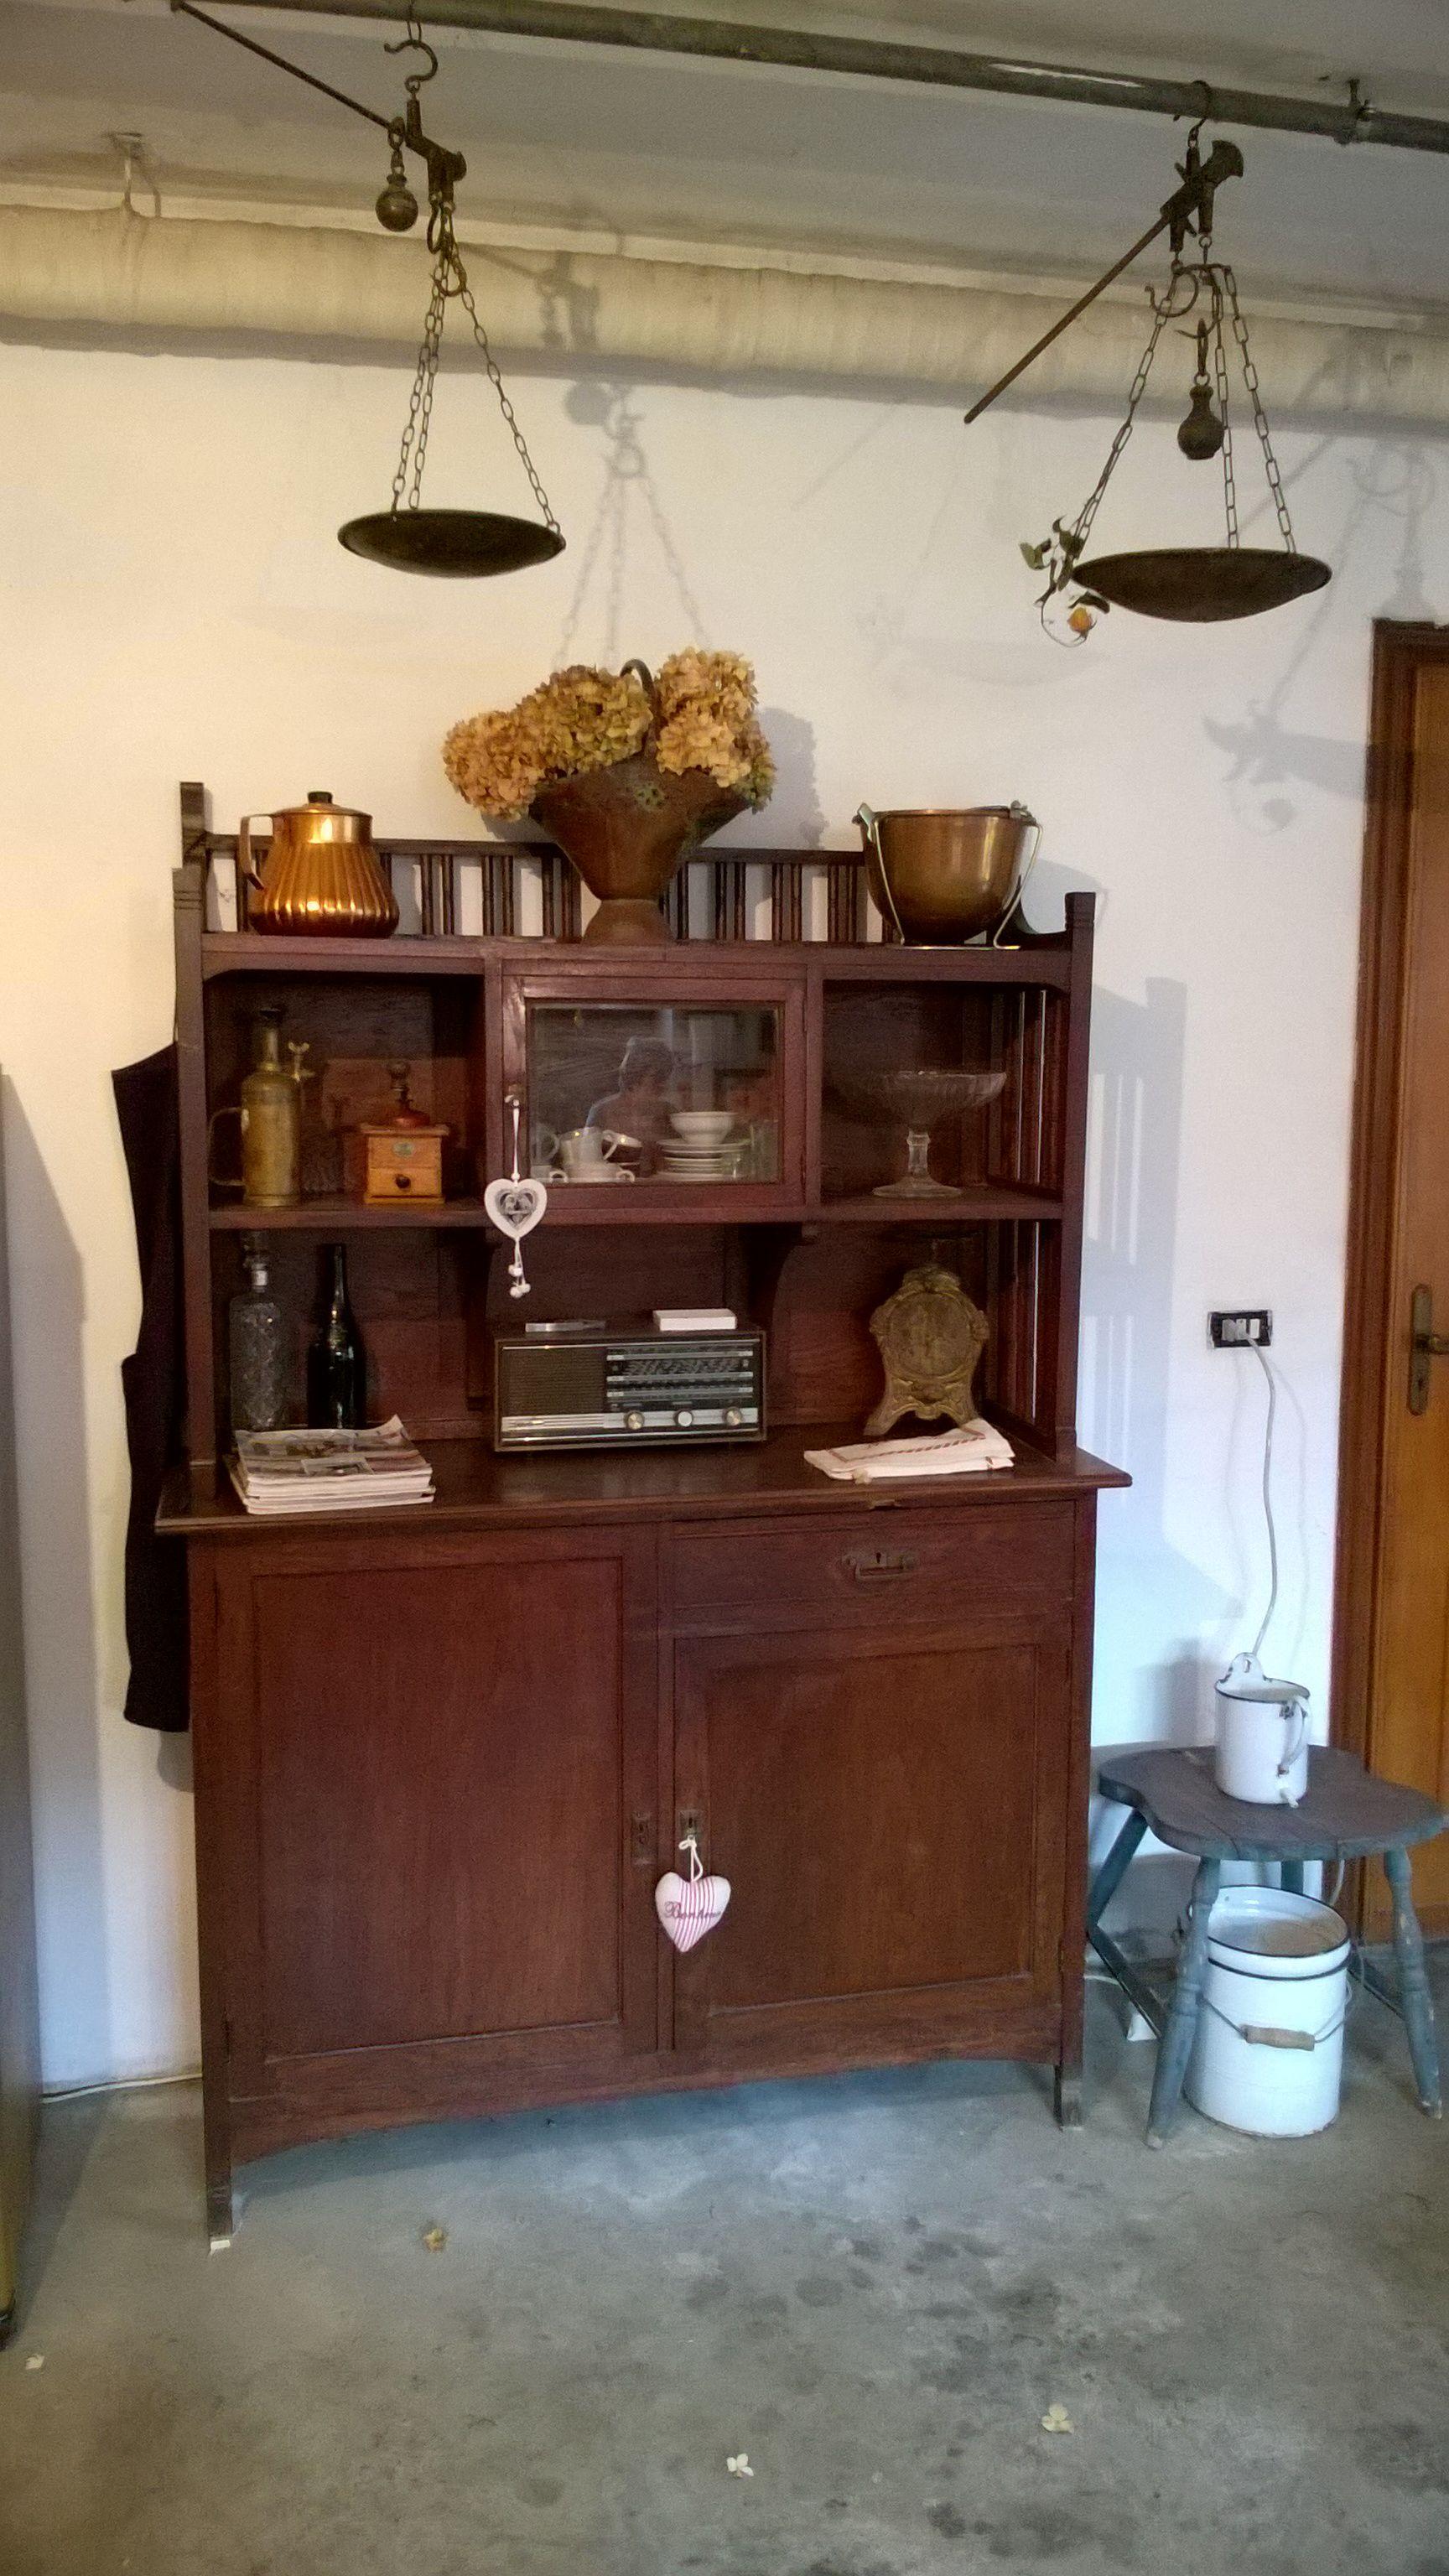 Oggetti vintage per la casa elegant with oggetti vintage Oggetti vintage per casa